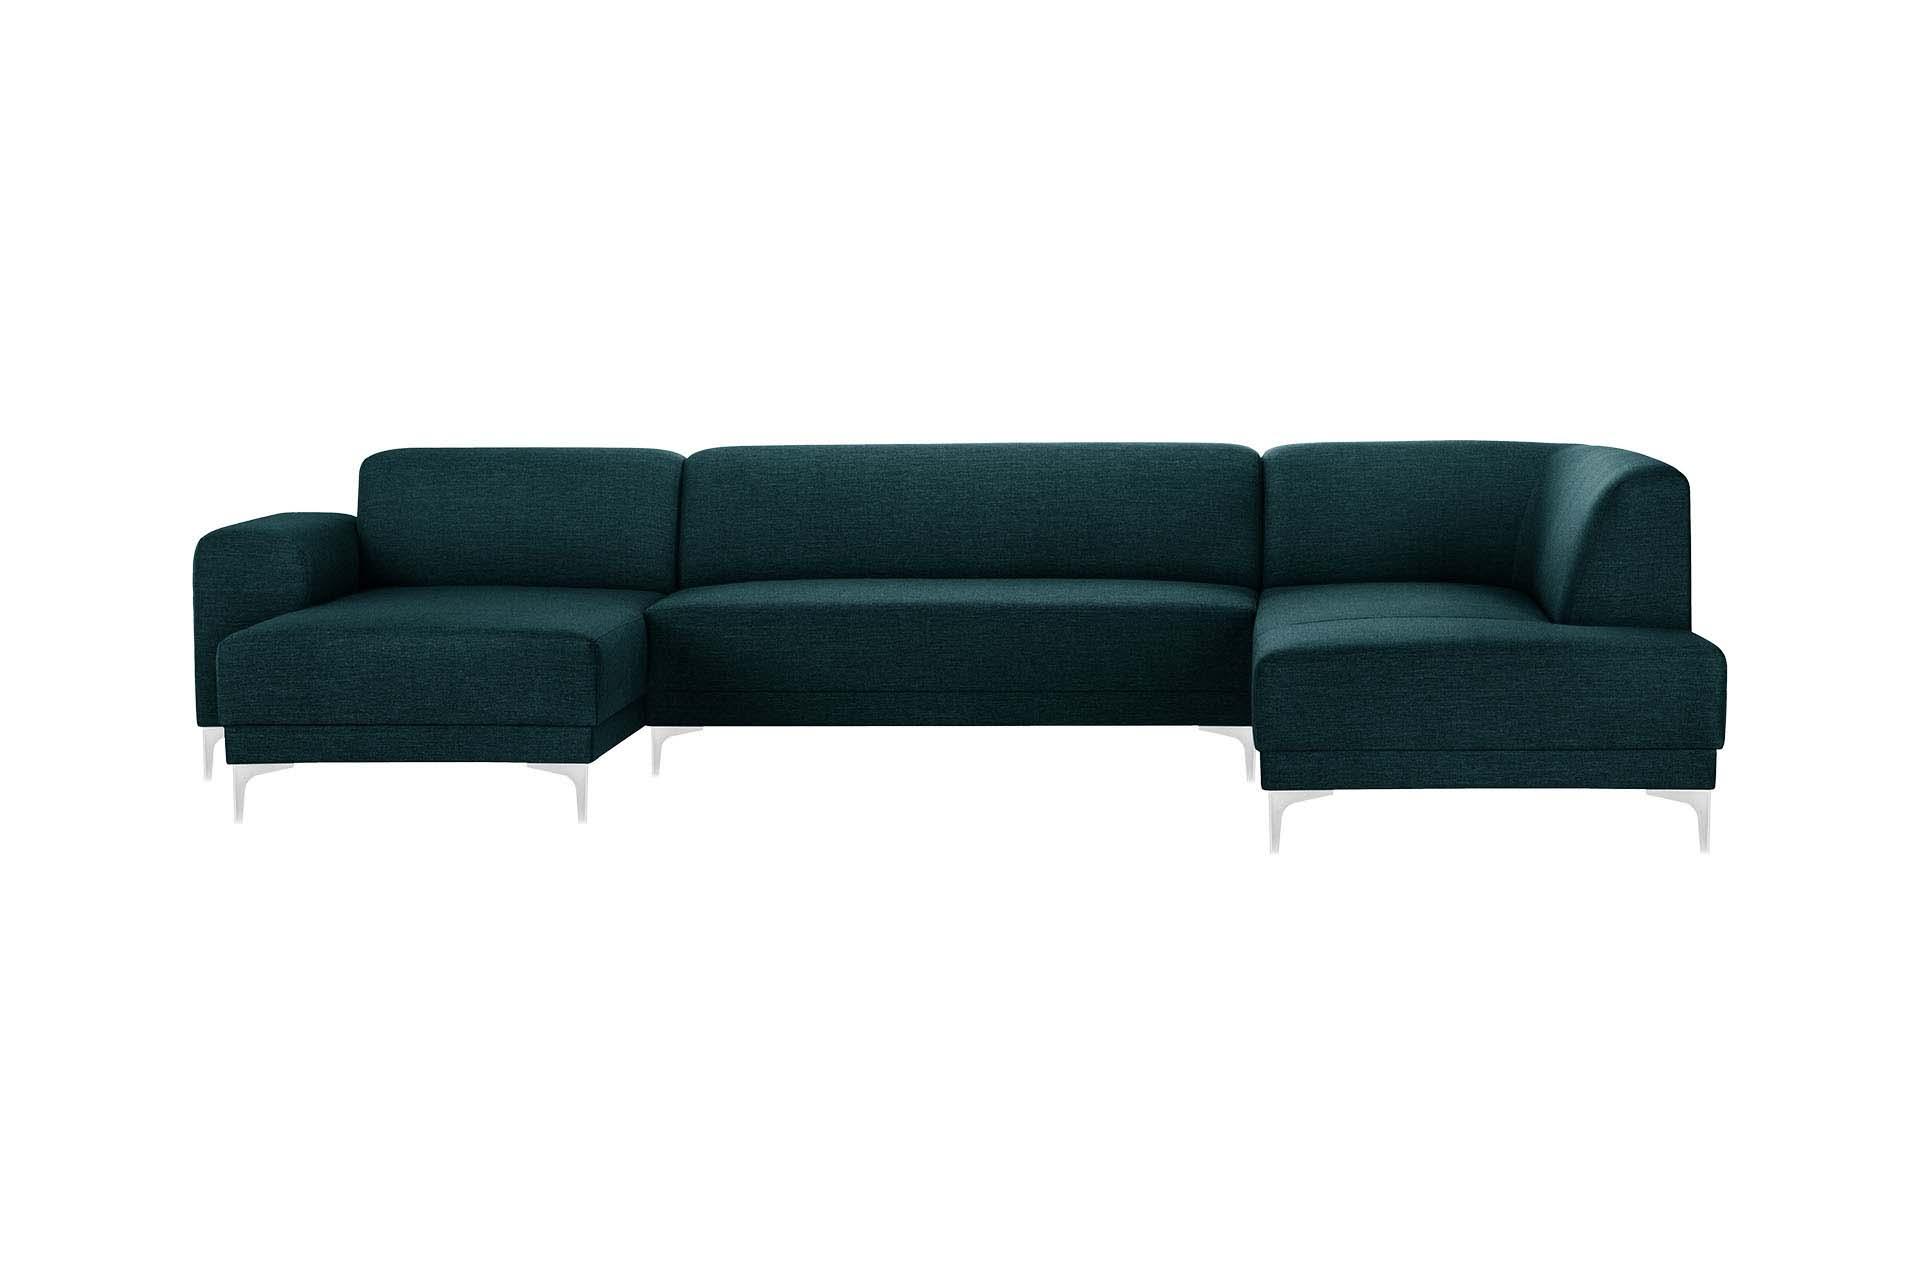 Canapé d'angle gauche 6 places toucher lin turquoise